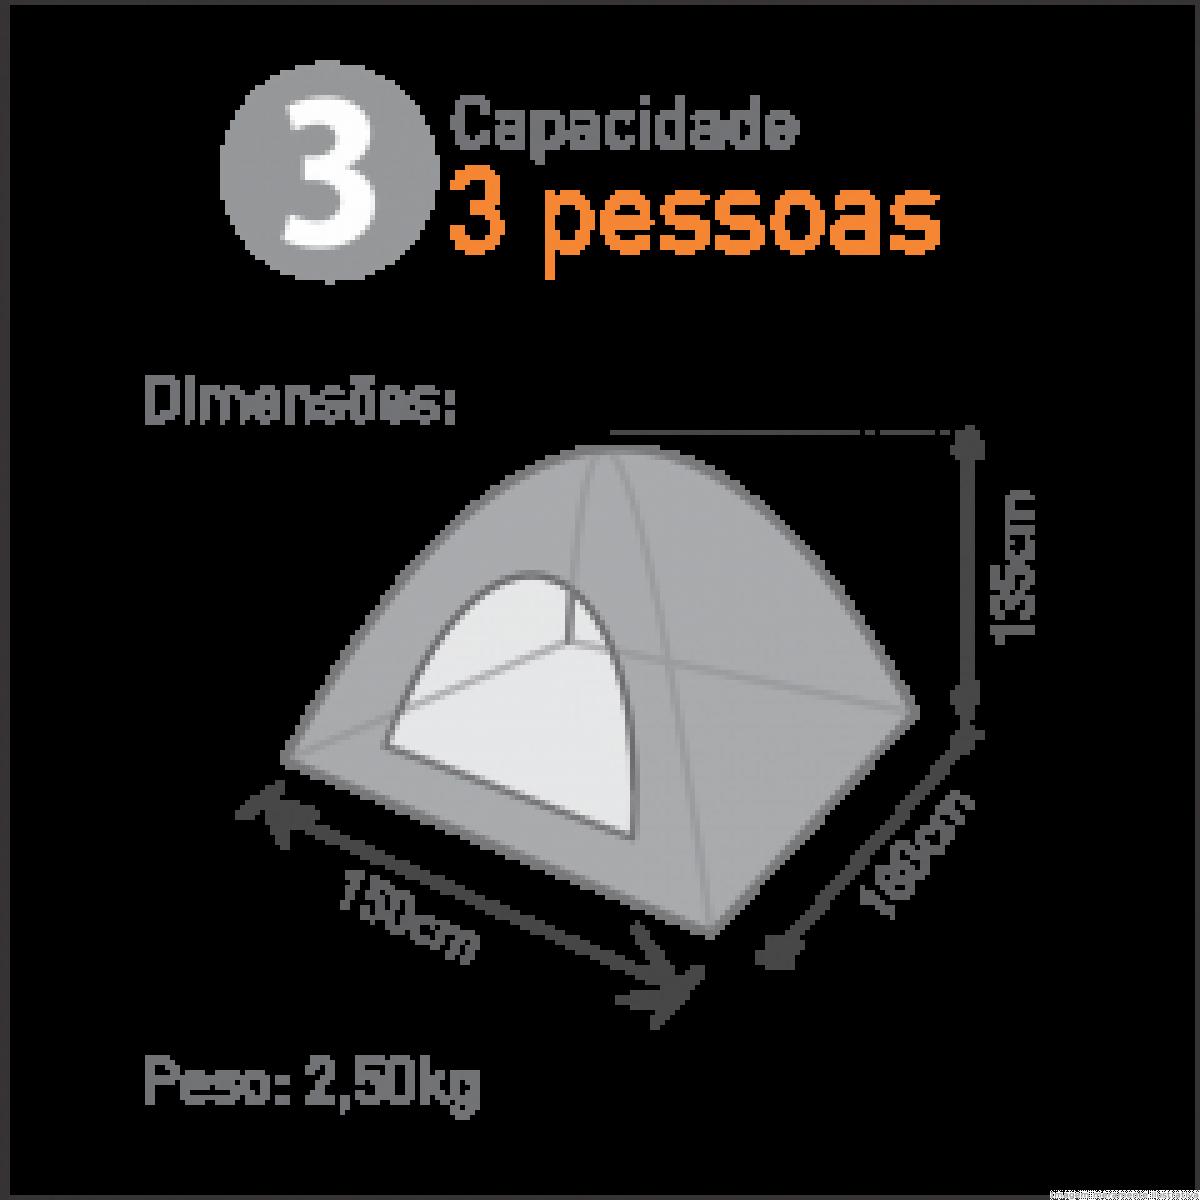 Barraca Atena C/ Sobreteto 3 Pessoas Prata - Guepardo